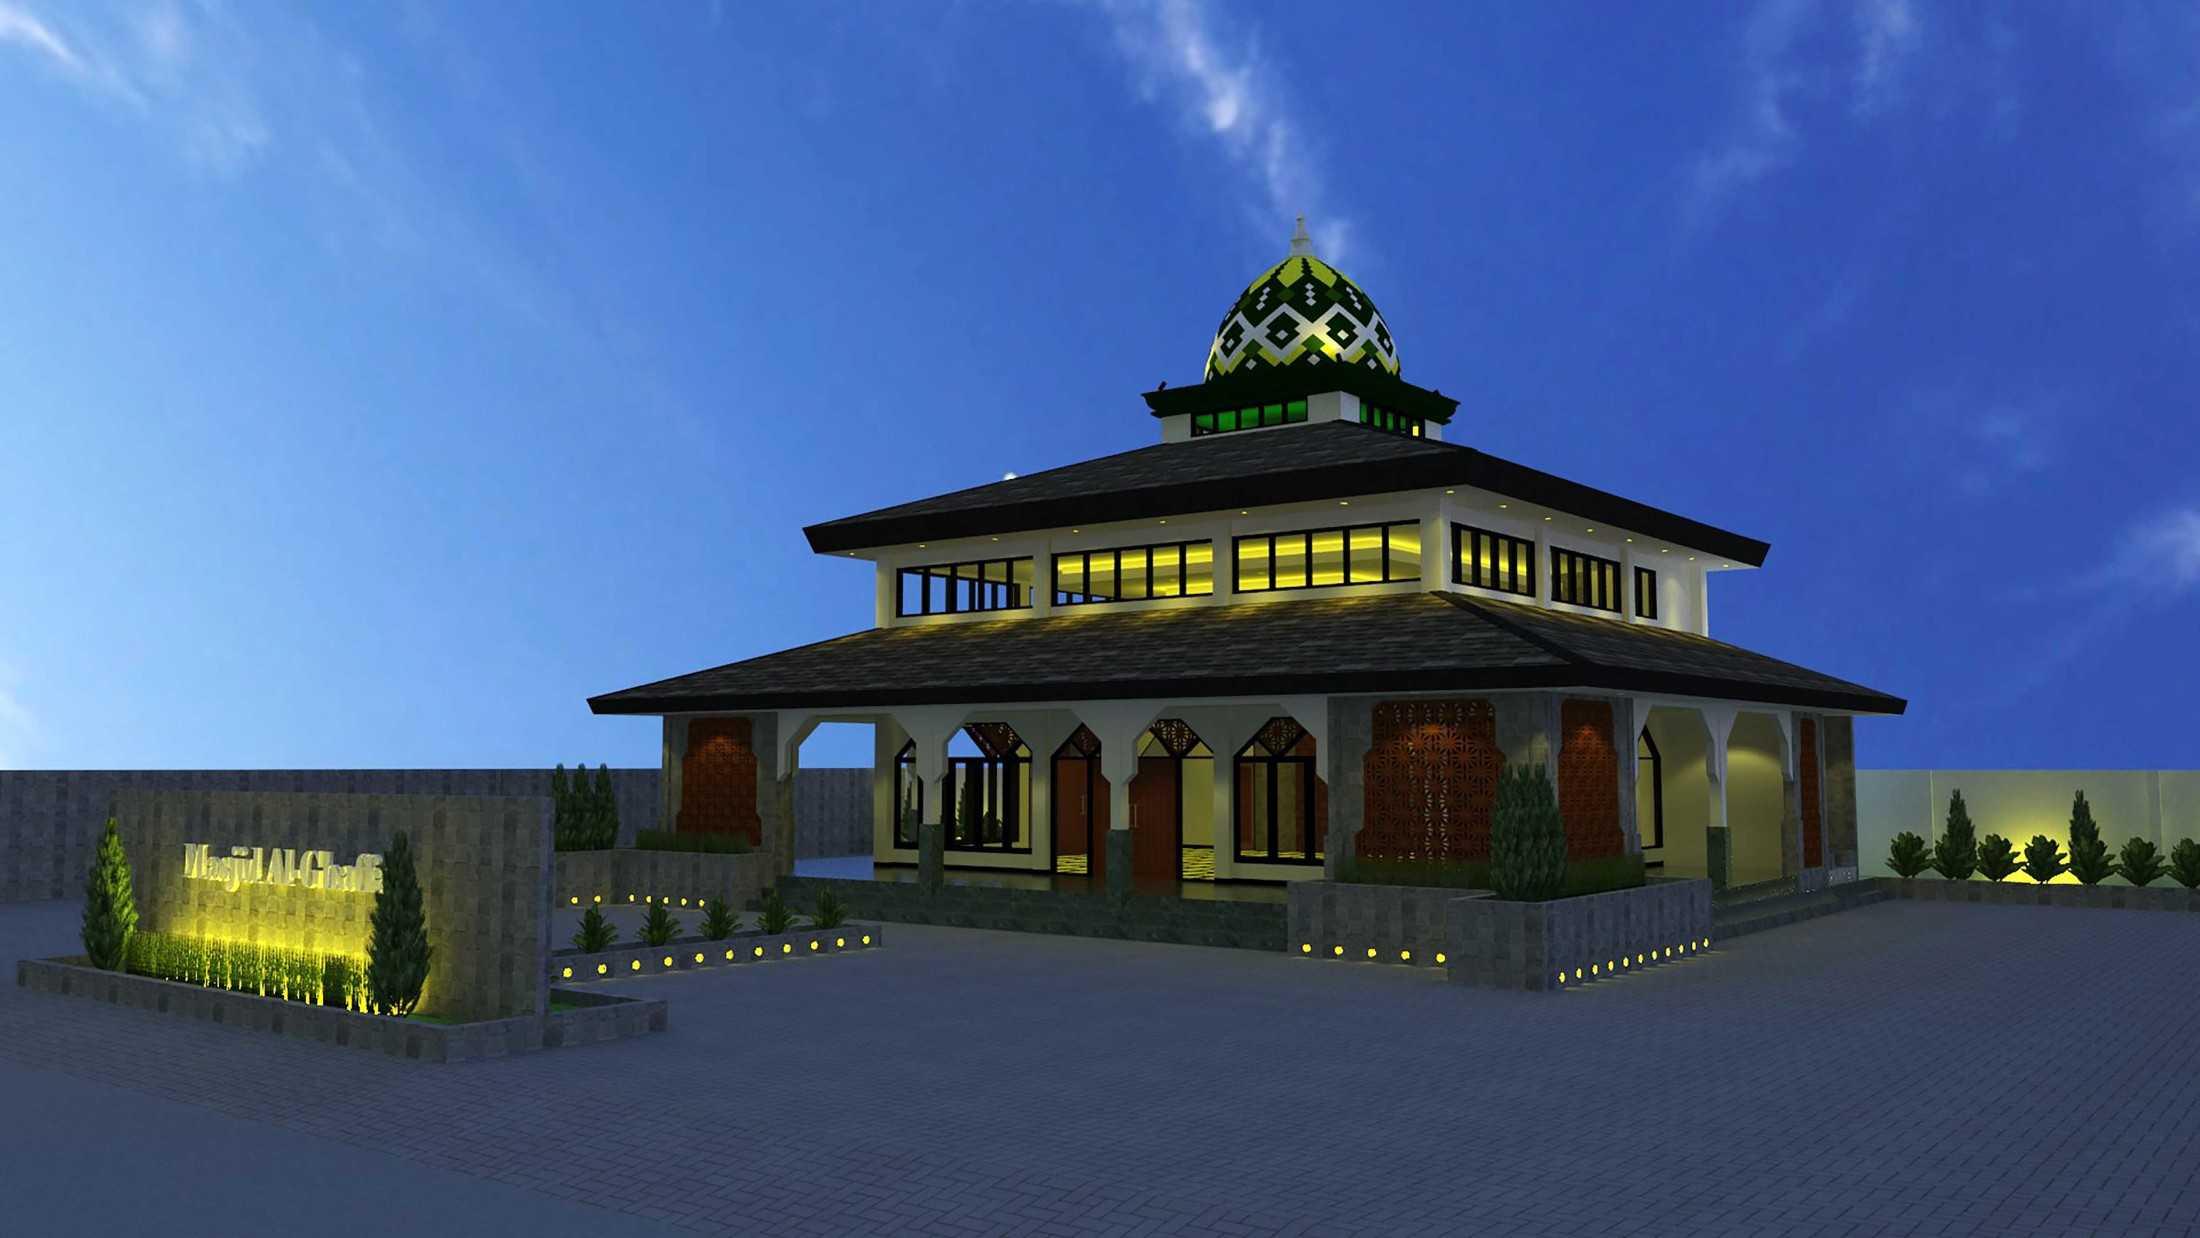 Ilham Gusti Syahadat Masjid Al-Ghaffar Malang, Kota Malang, Jawa Timur, Indonesia Malang, Kota Malang, Jawa Timur, Indonesia Exterior Masjid Al-Ghaffar Tropical 74378